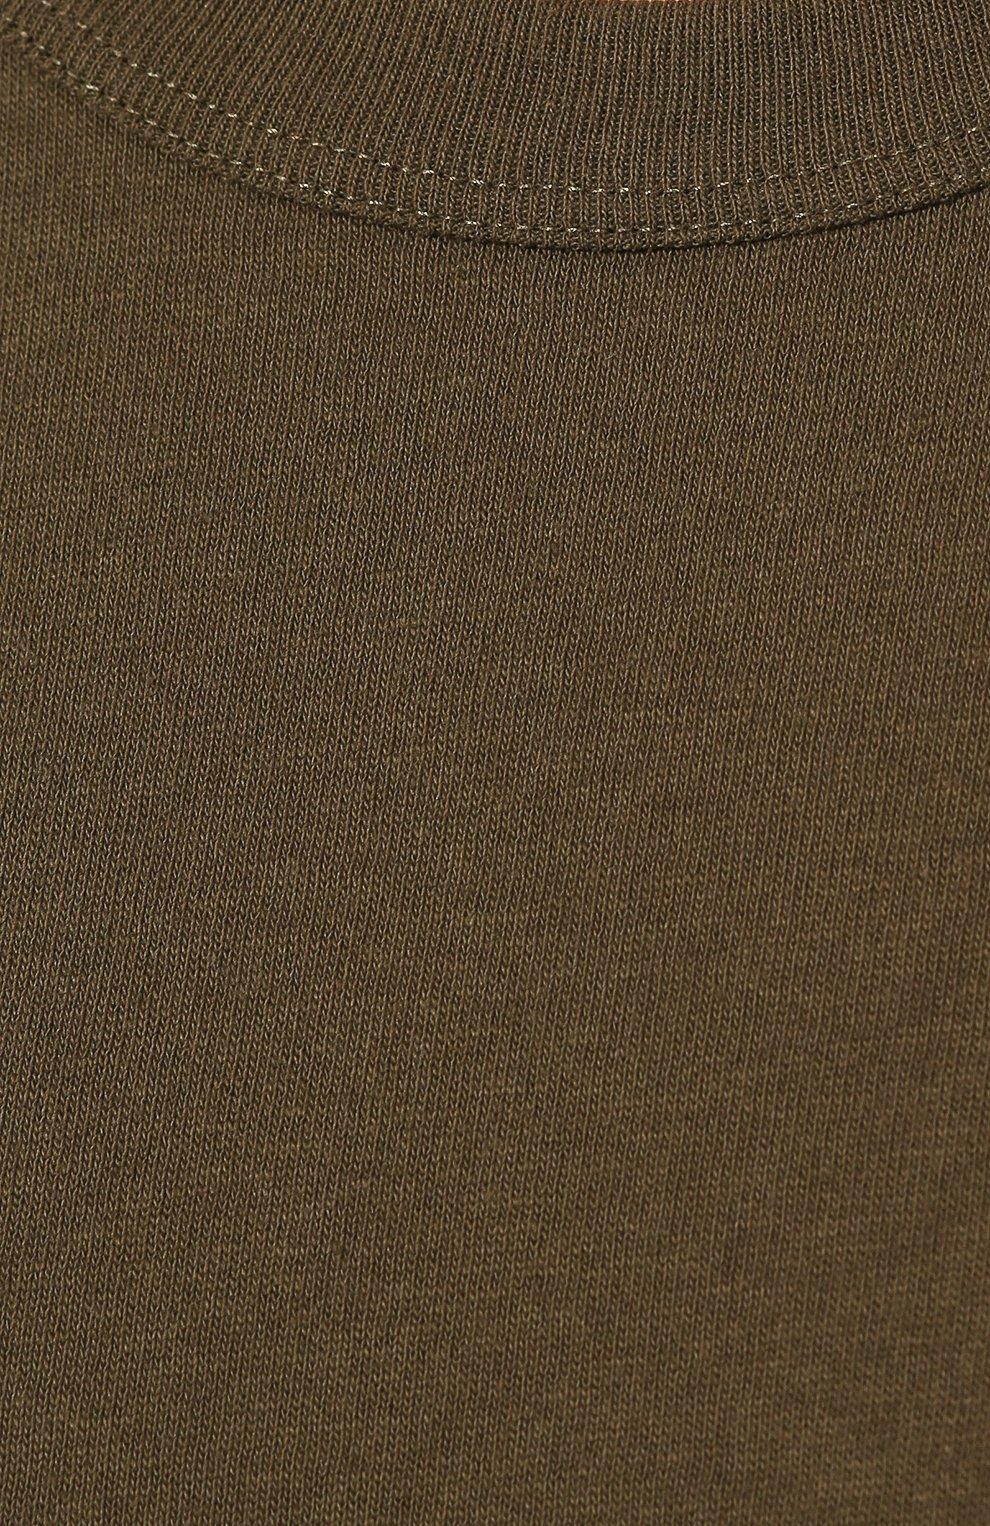 Мужская хлопковая футболка BOTTEGA VENETA хаки цвета, арт. 600852/VF2A0   Фото 5 (Принт: Без принта; Рукава: Короткие; Длина (для топов): Стандартные; Мужское Кросс-КТ: Футболка-одежда; Материал внешний: Хлопок; Стили: Кэжуэл)